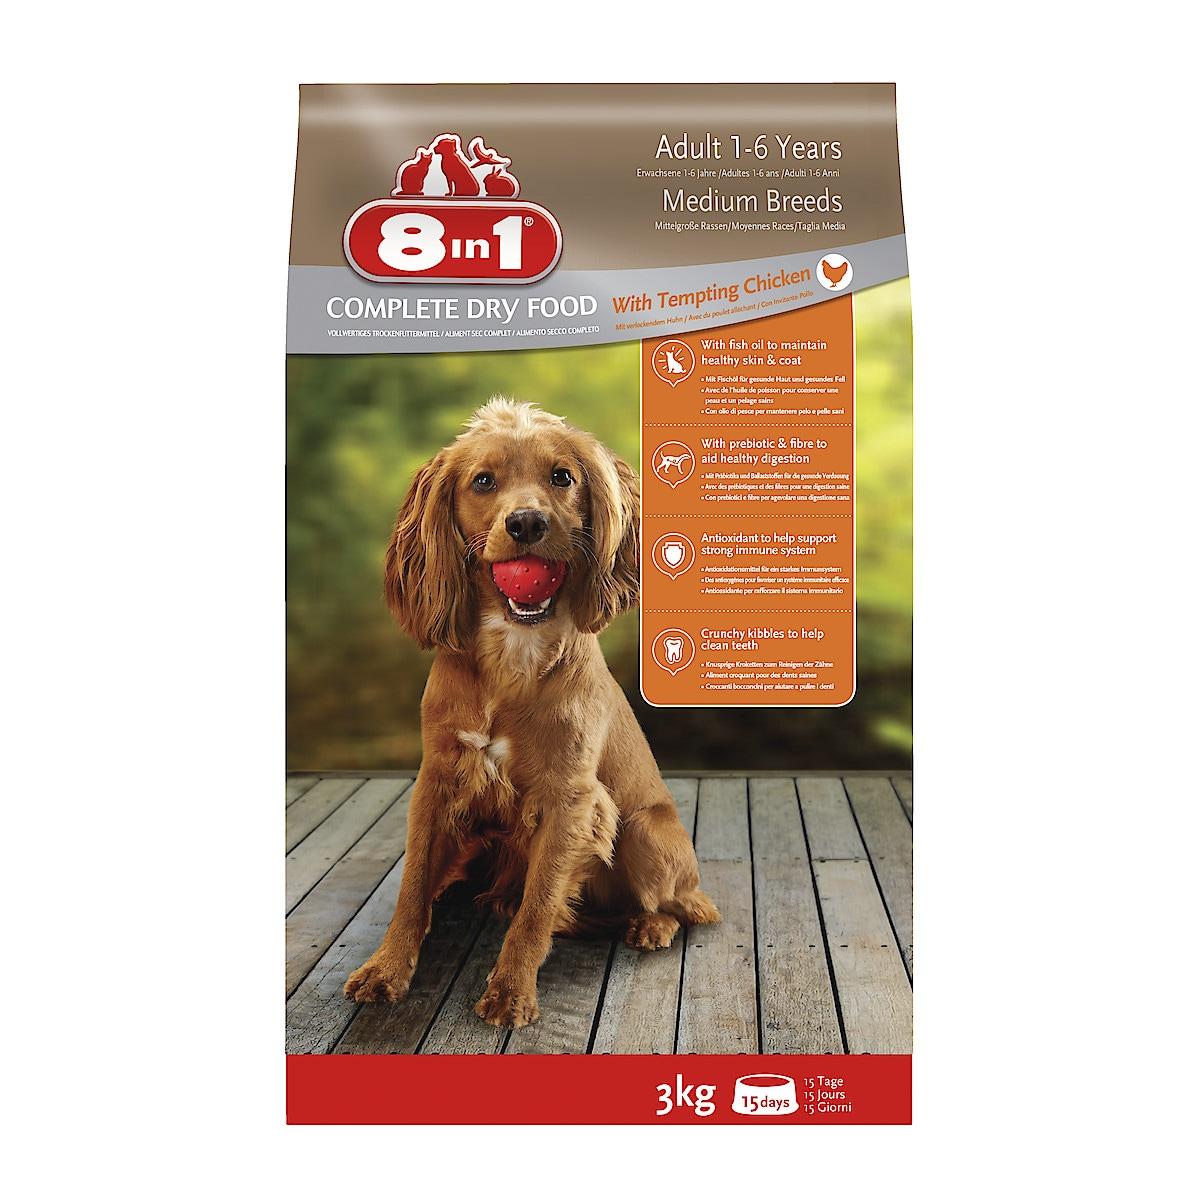 Hundfoder Adult Chicken 8in1